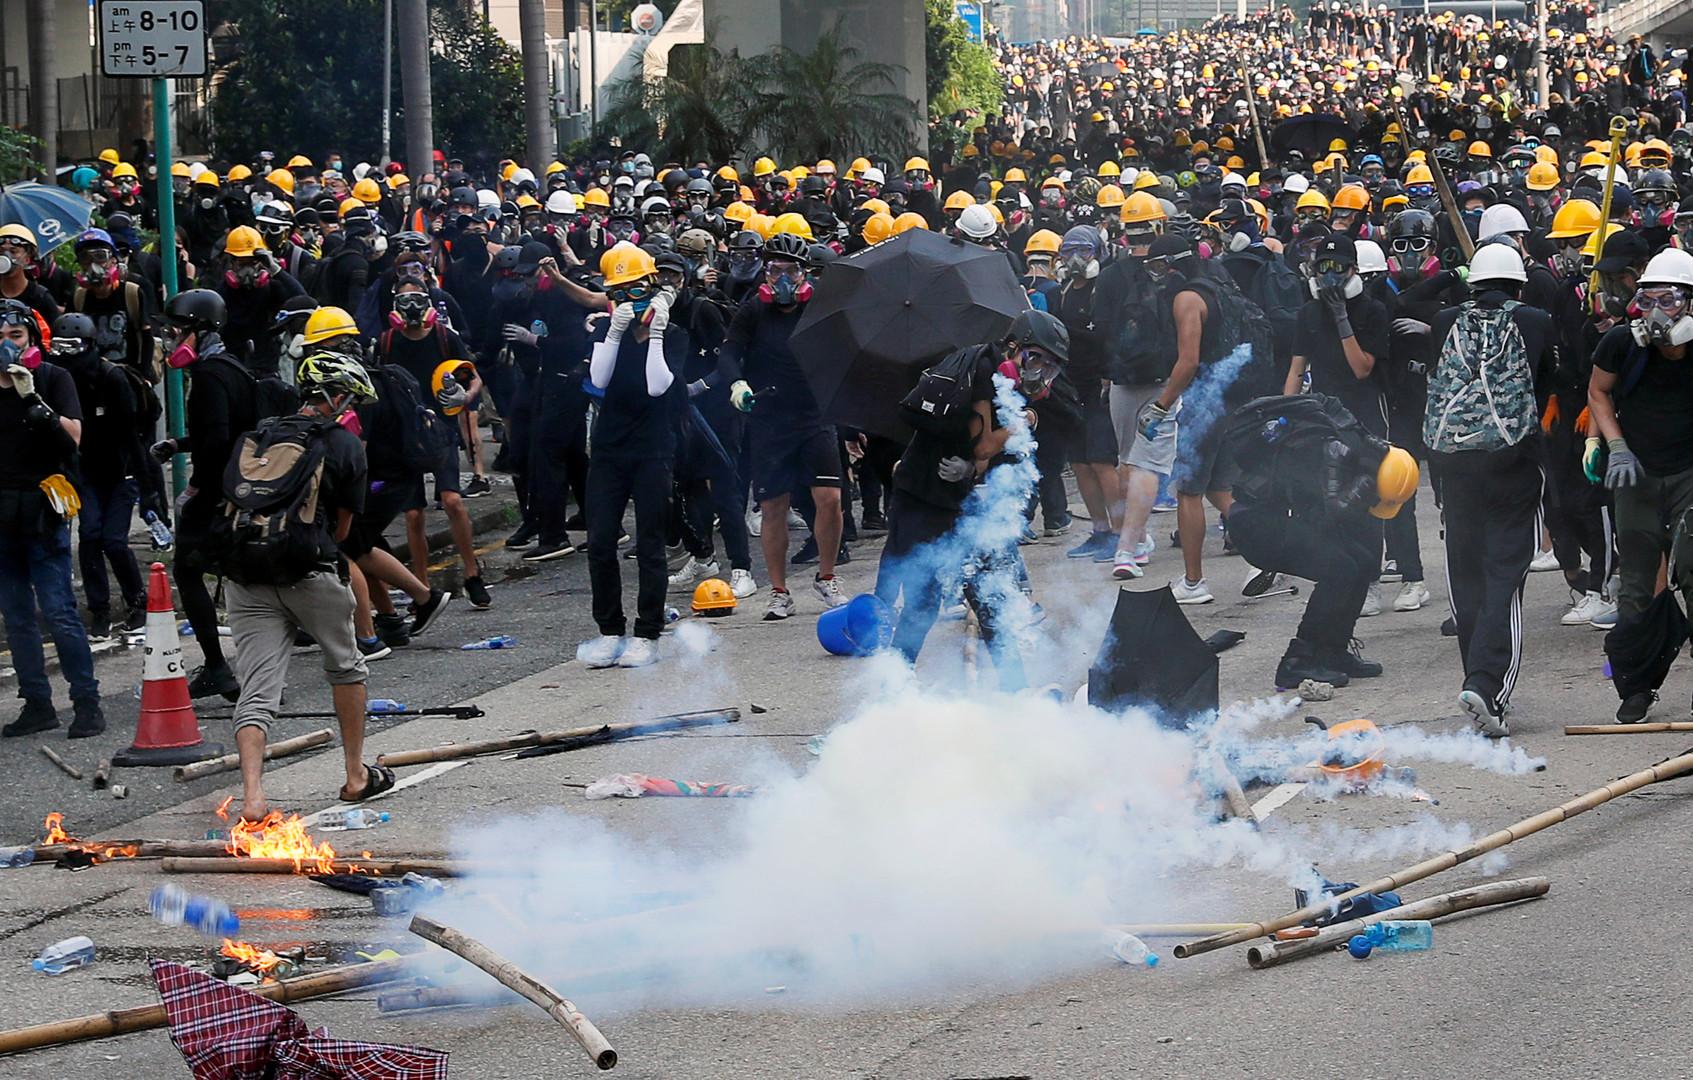 الشرطة في هونغ كونغ تستخدم الغاز المسيل للدموع لتفريق المحتجين